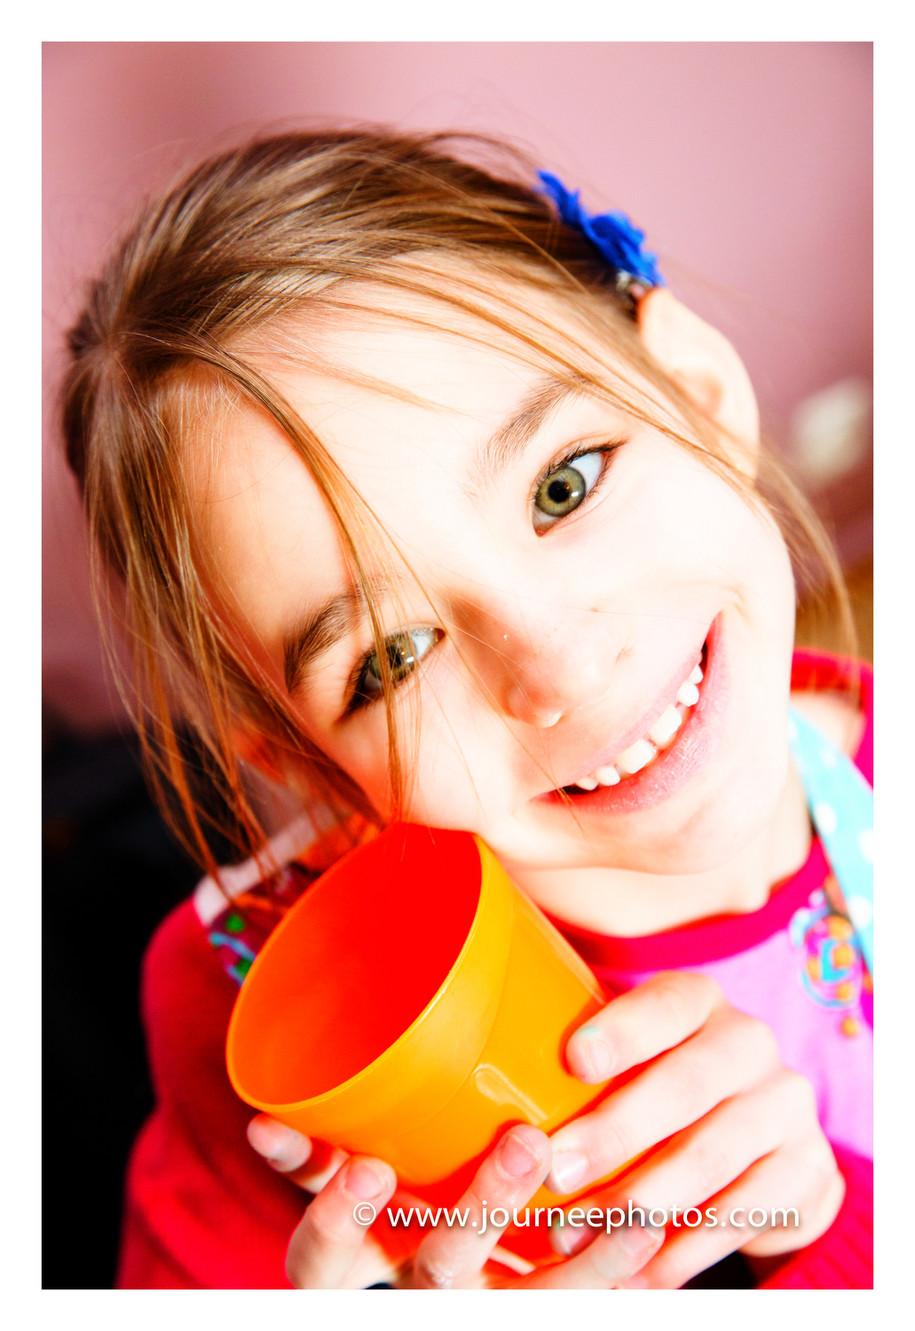 www.journeephotos.com0045.JPG